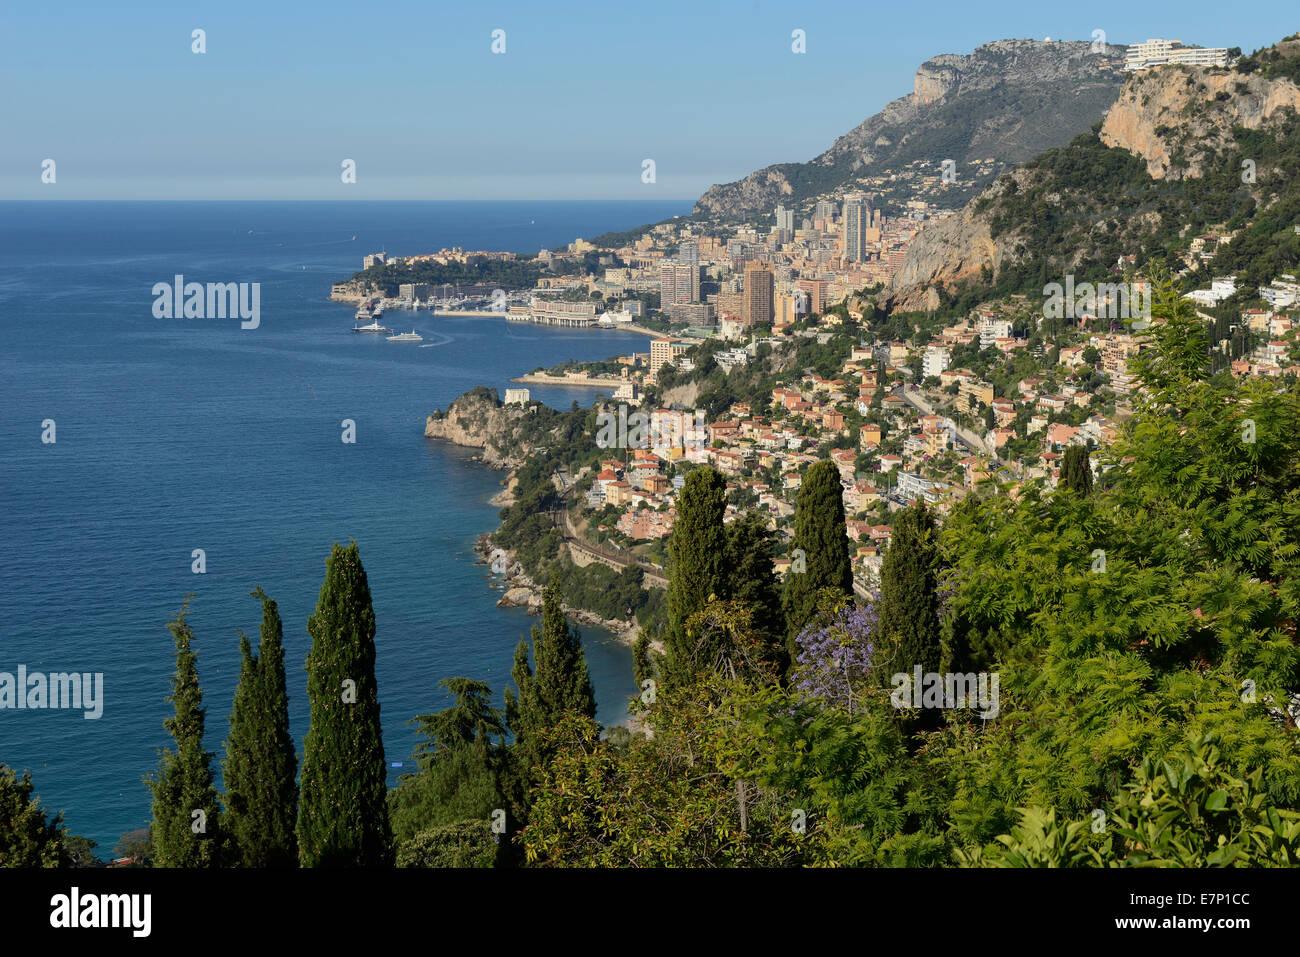 L'Europa, Francia, Cote d'Azur, il Principato di Monaco e Monte Carlo, Riviera, Mediterraneo, costiere, Immagini Stock